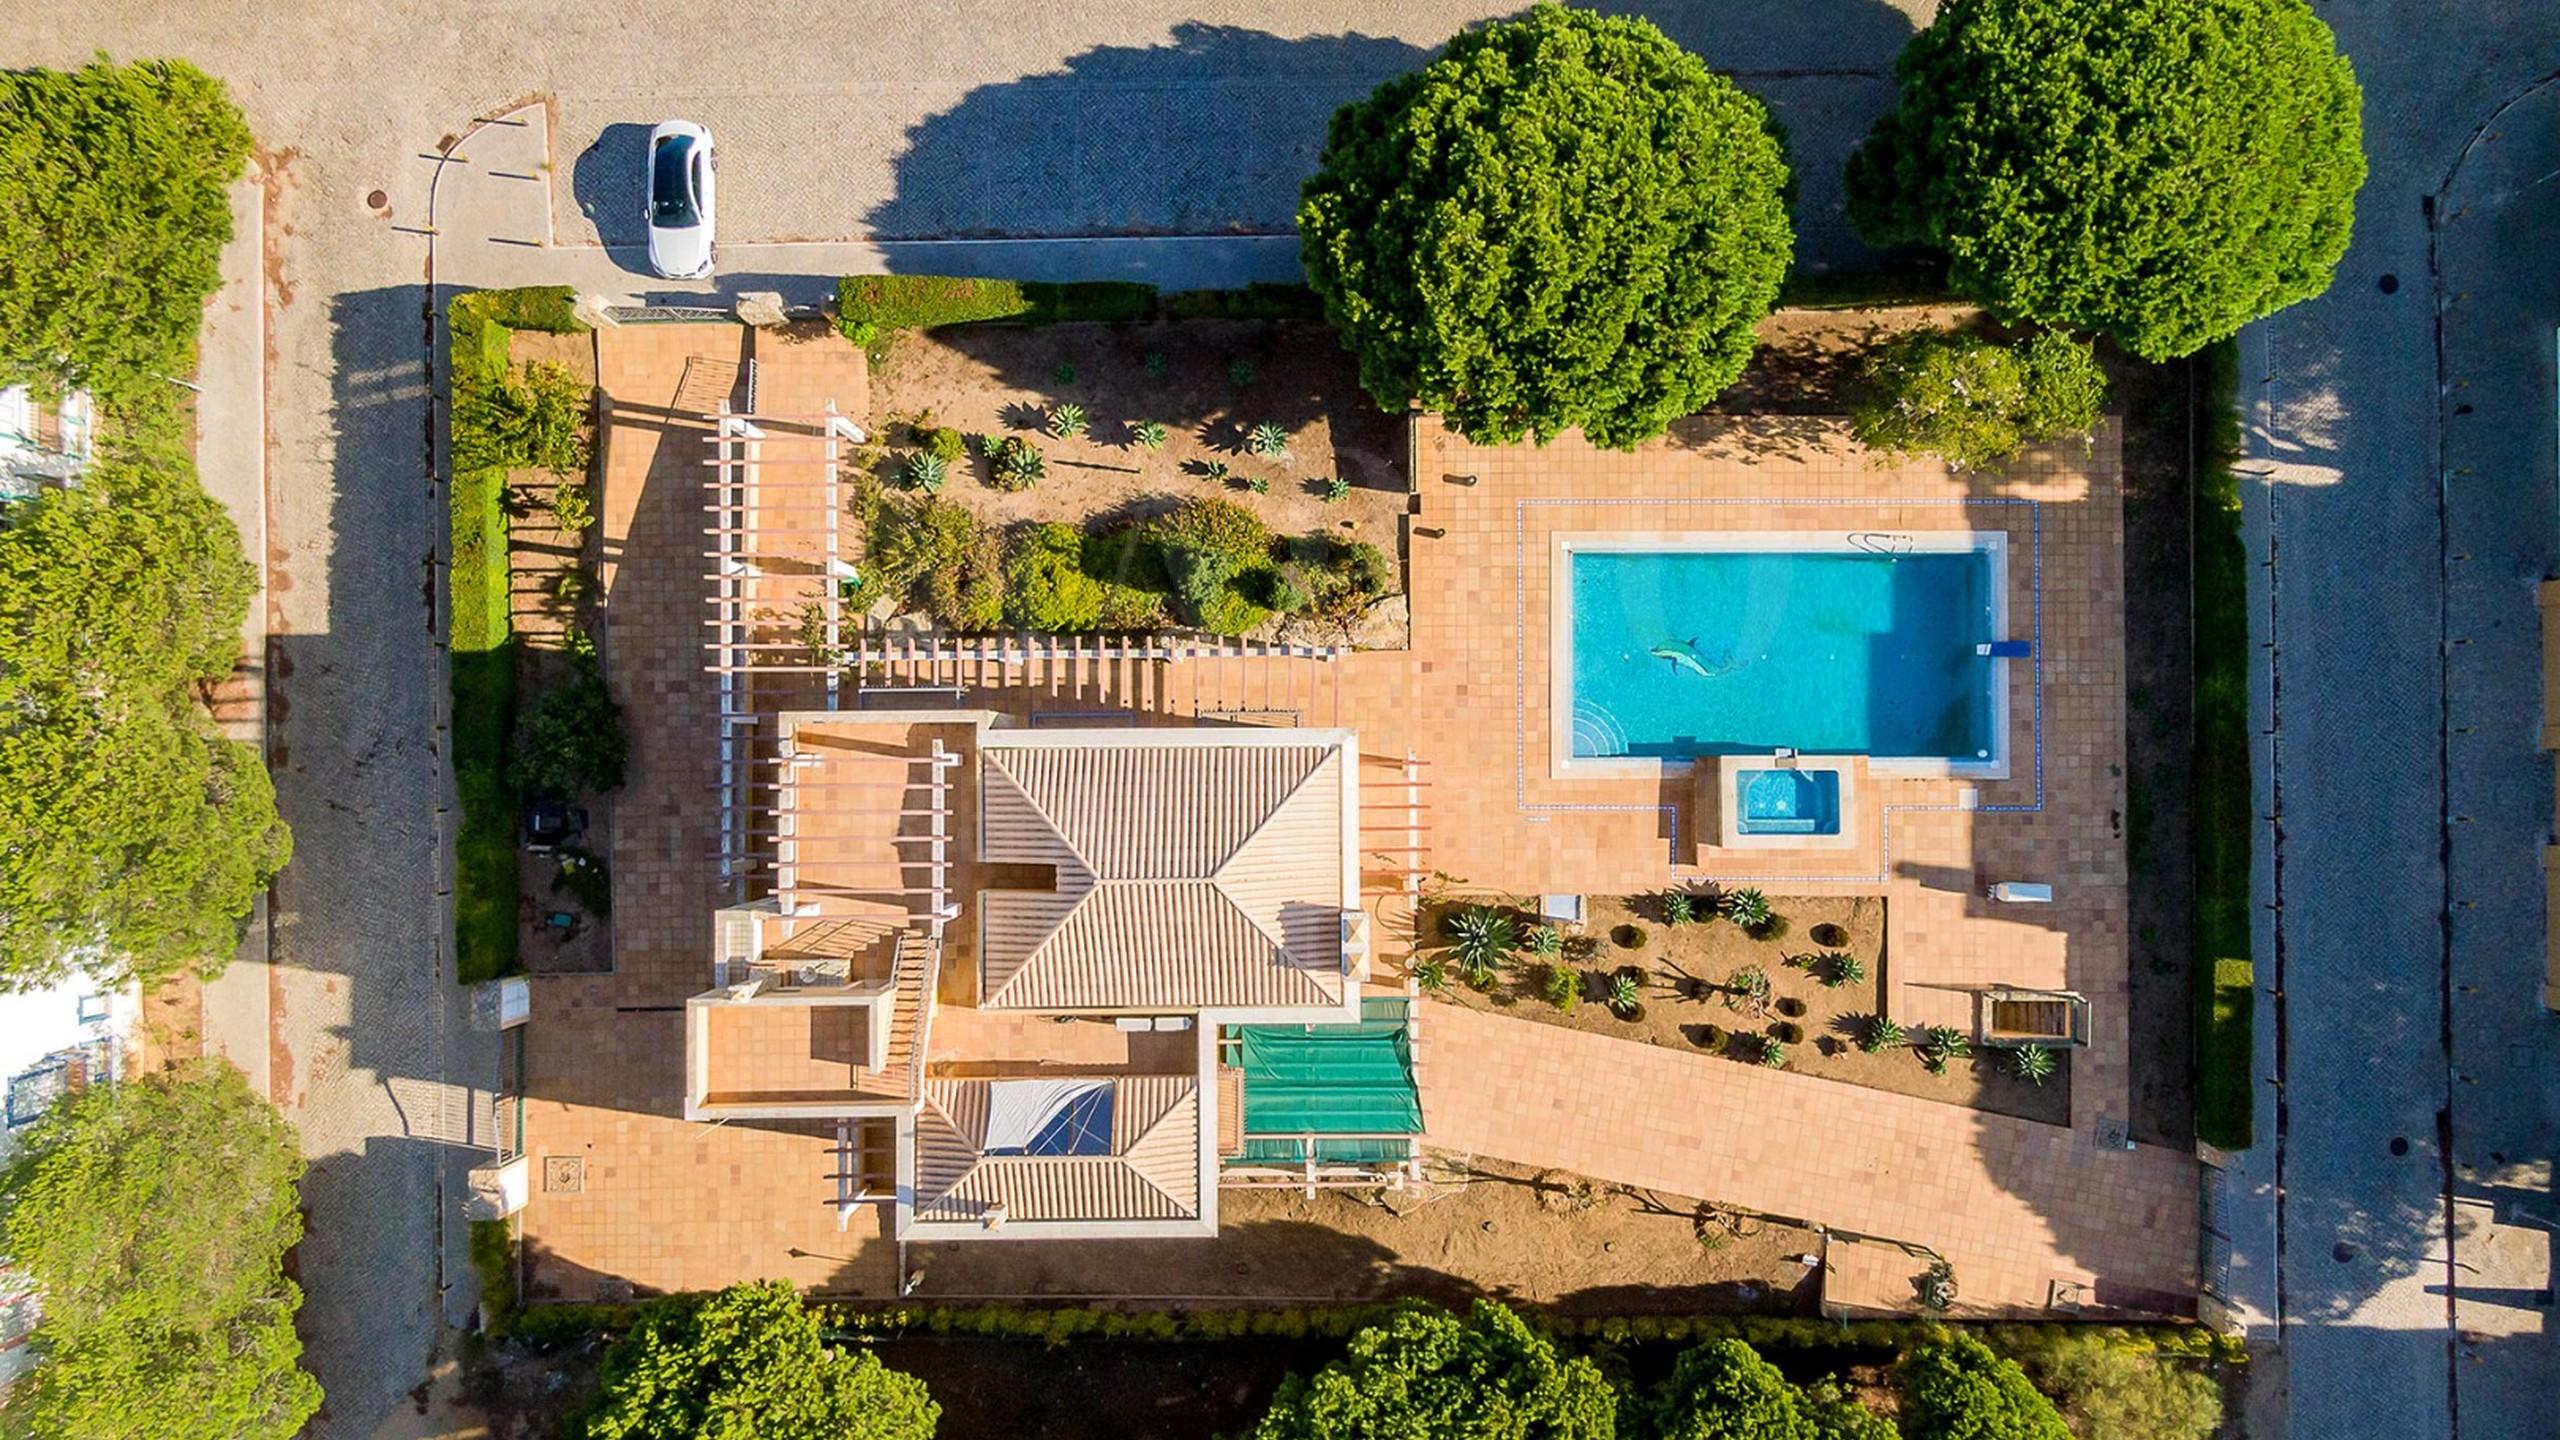 Classic Villa by the Praia Verde Beach - aerial view